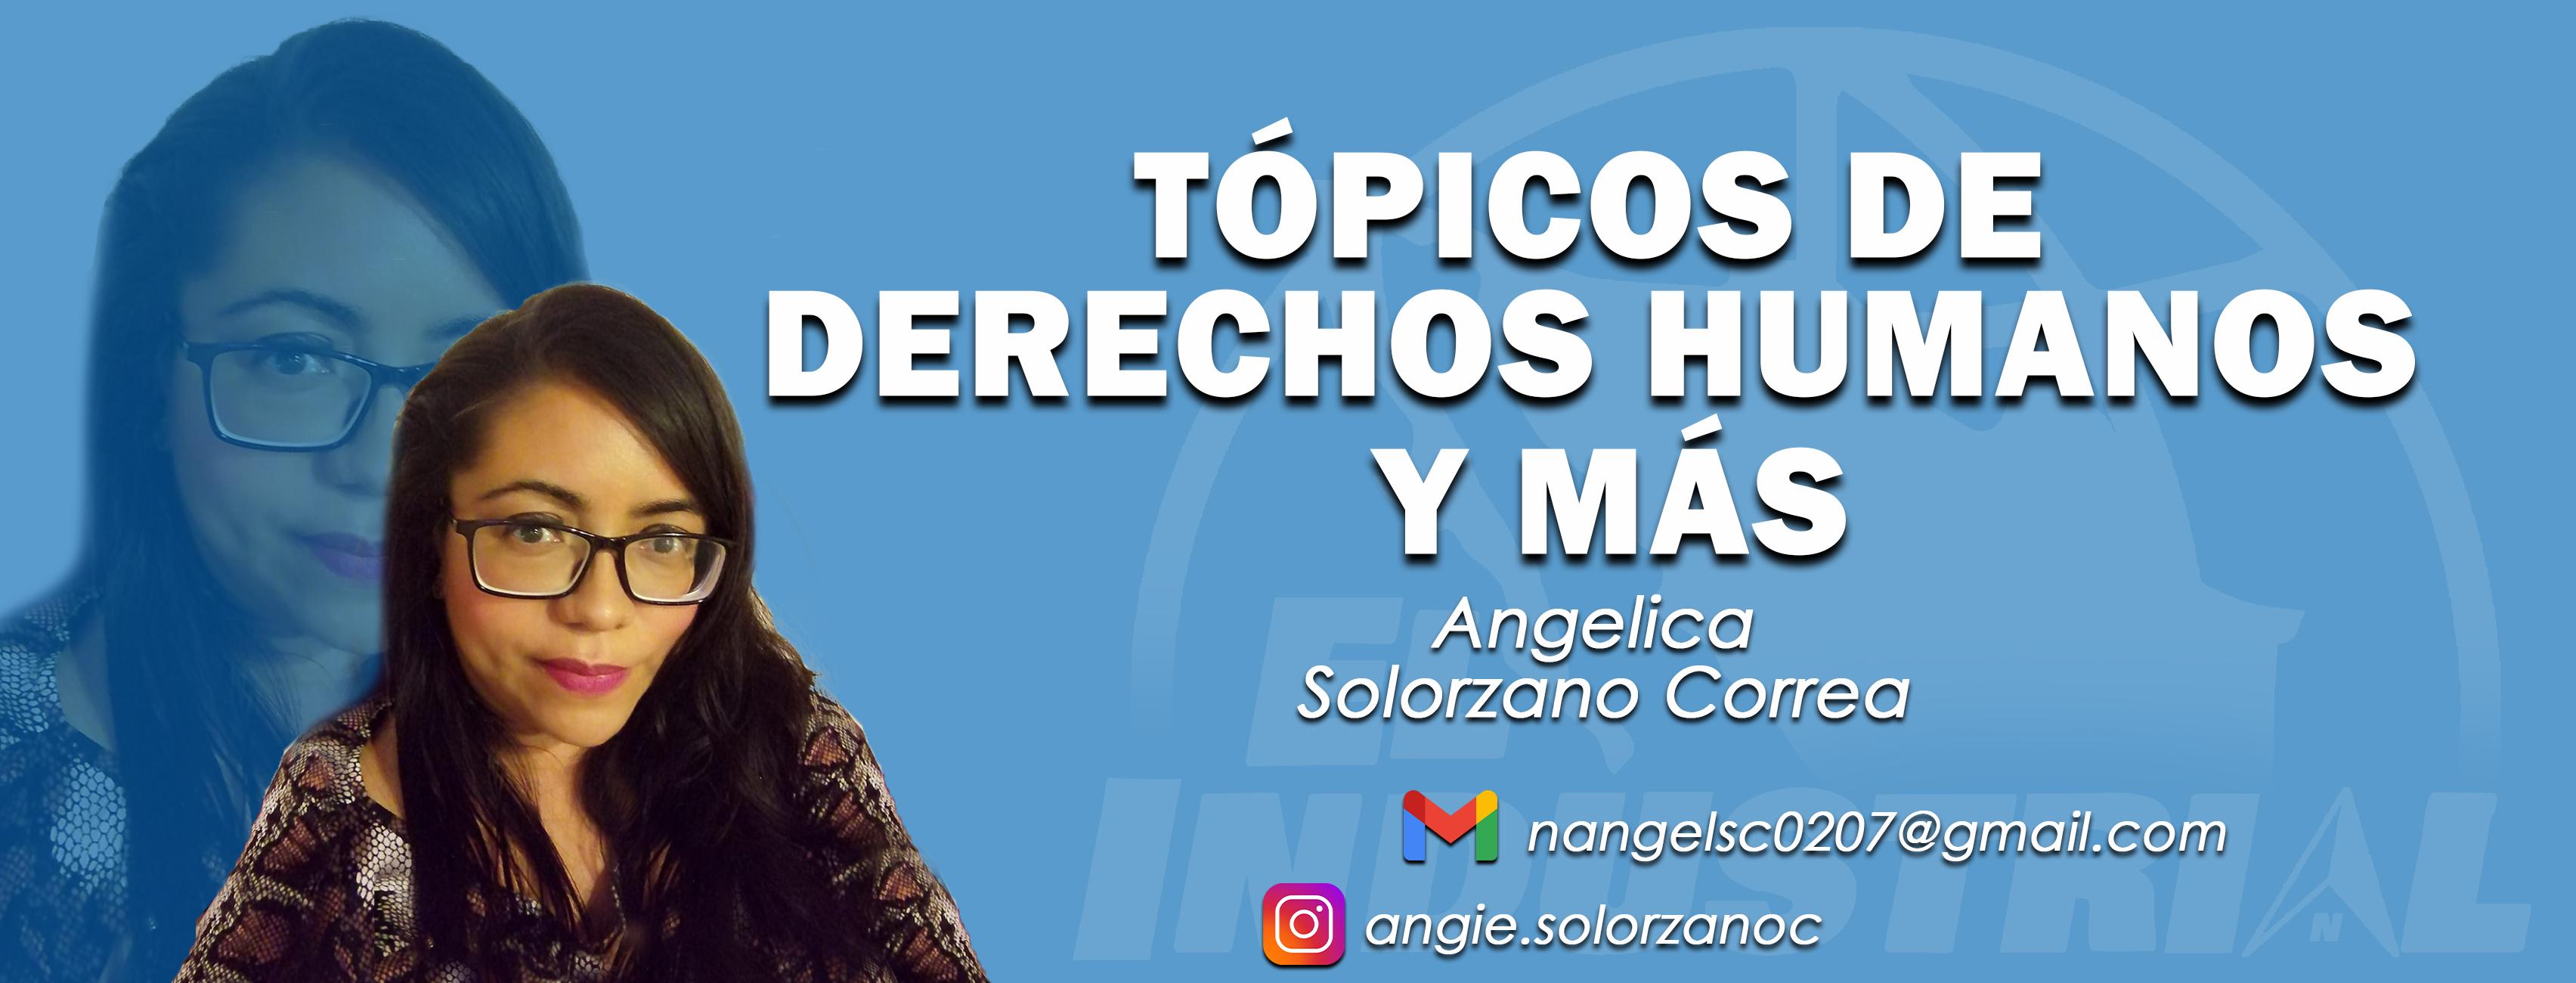 Angélica Solórzano